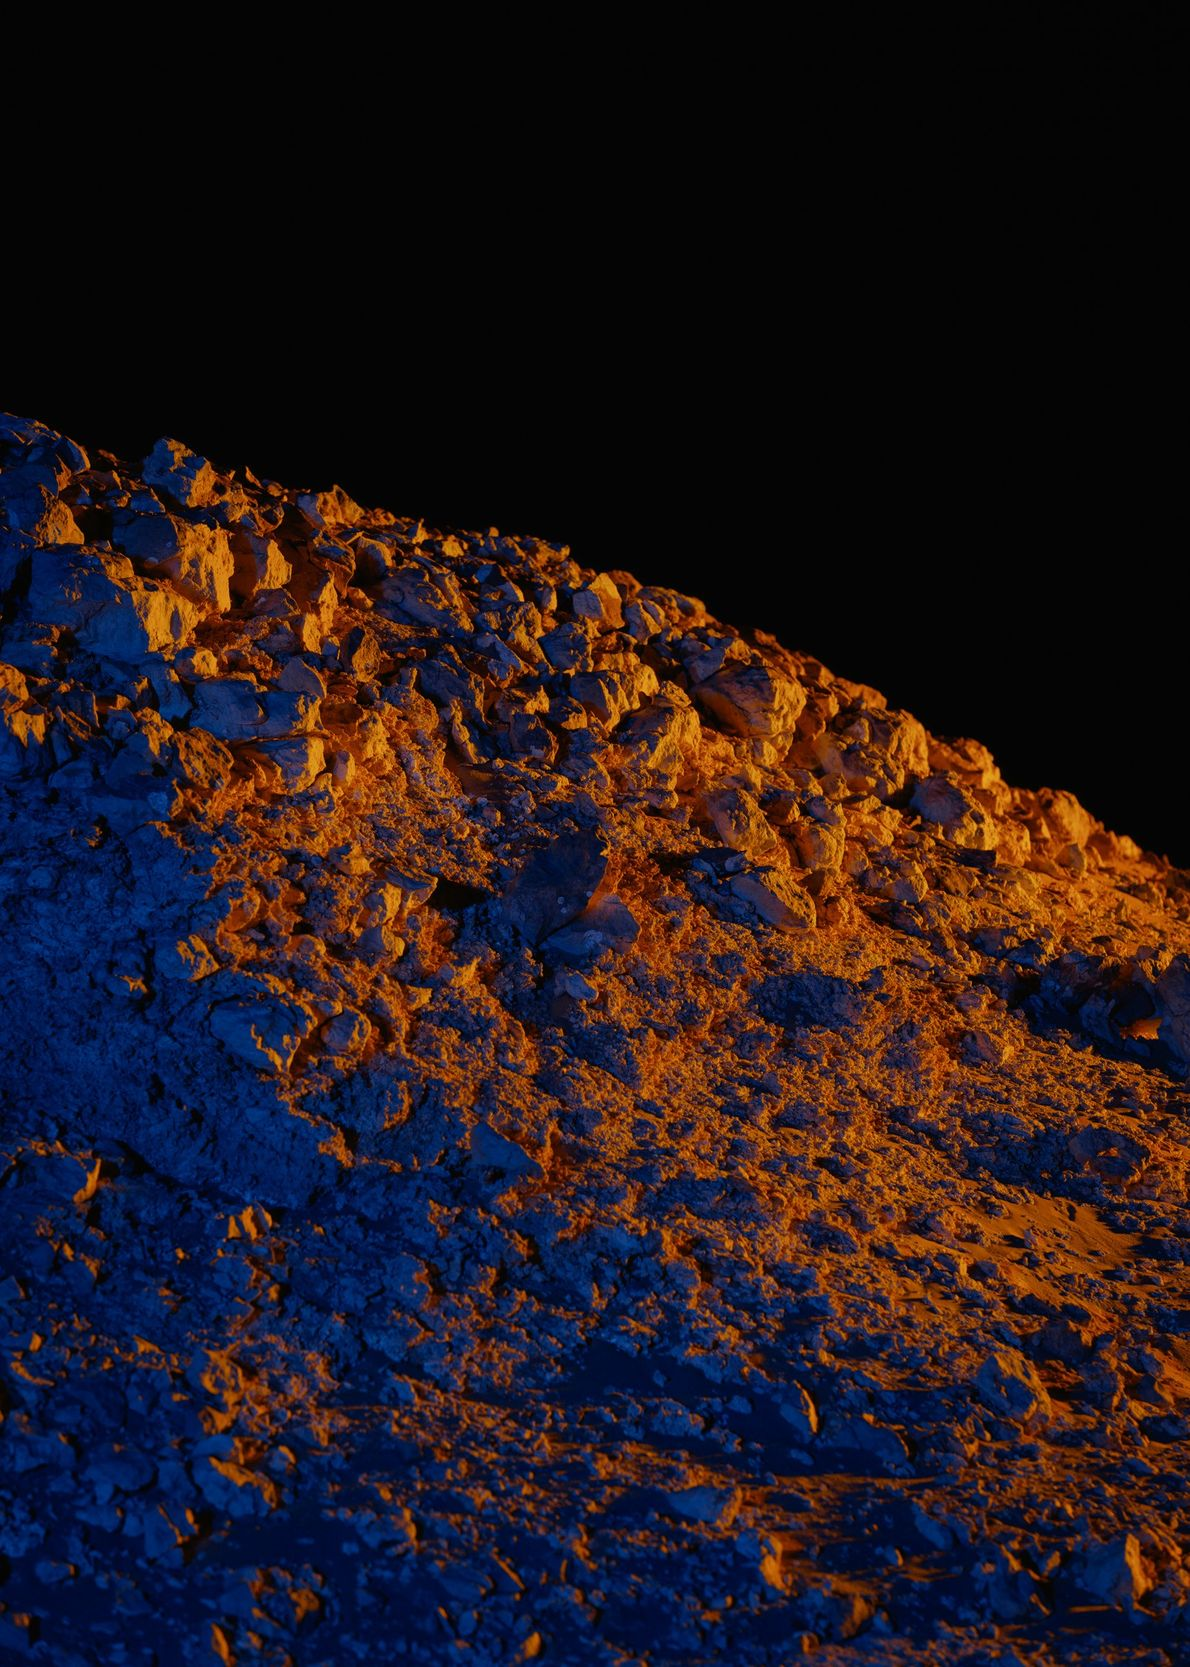 Das künstliche Licht lässt einen Felsvorsprung nördlich von Kepler Station fast unwirklich wirken.